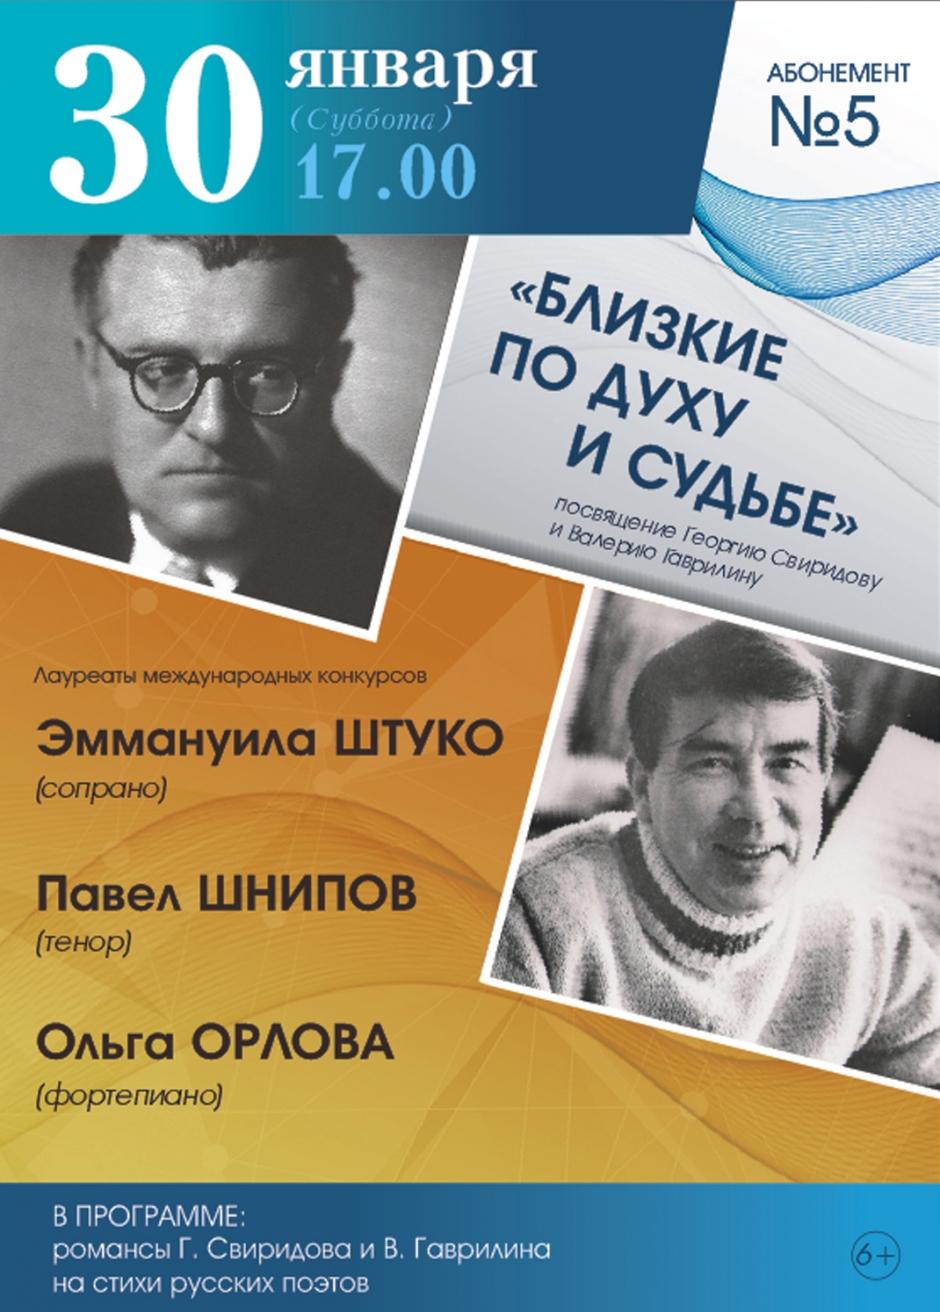 Тверская филармония приглашает на концерт, посвященный композиторам Георгию Свиридову и Валерию Гаврилину